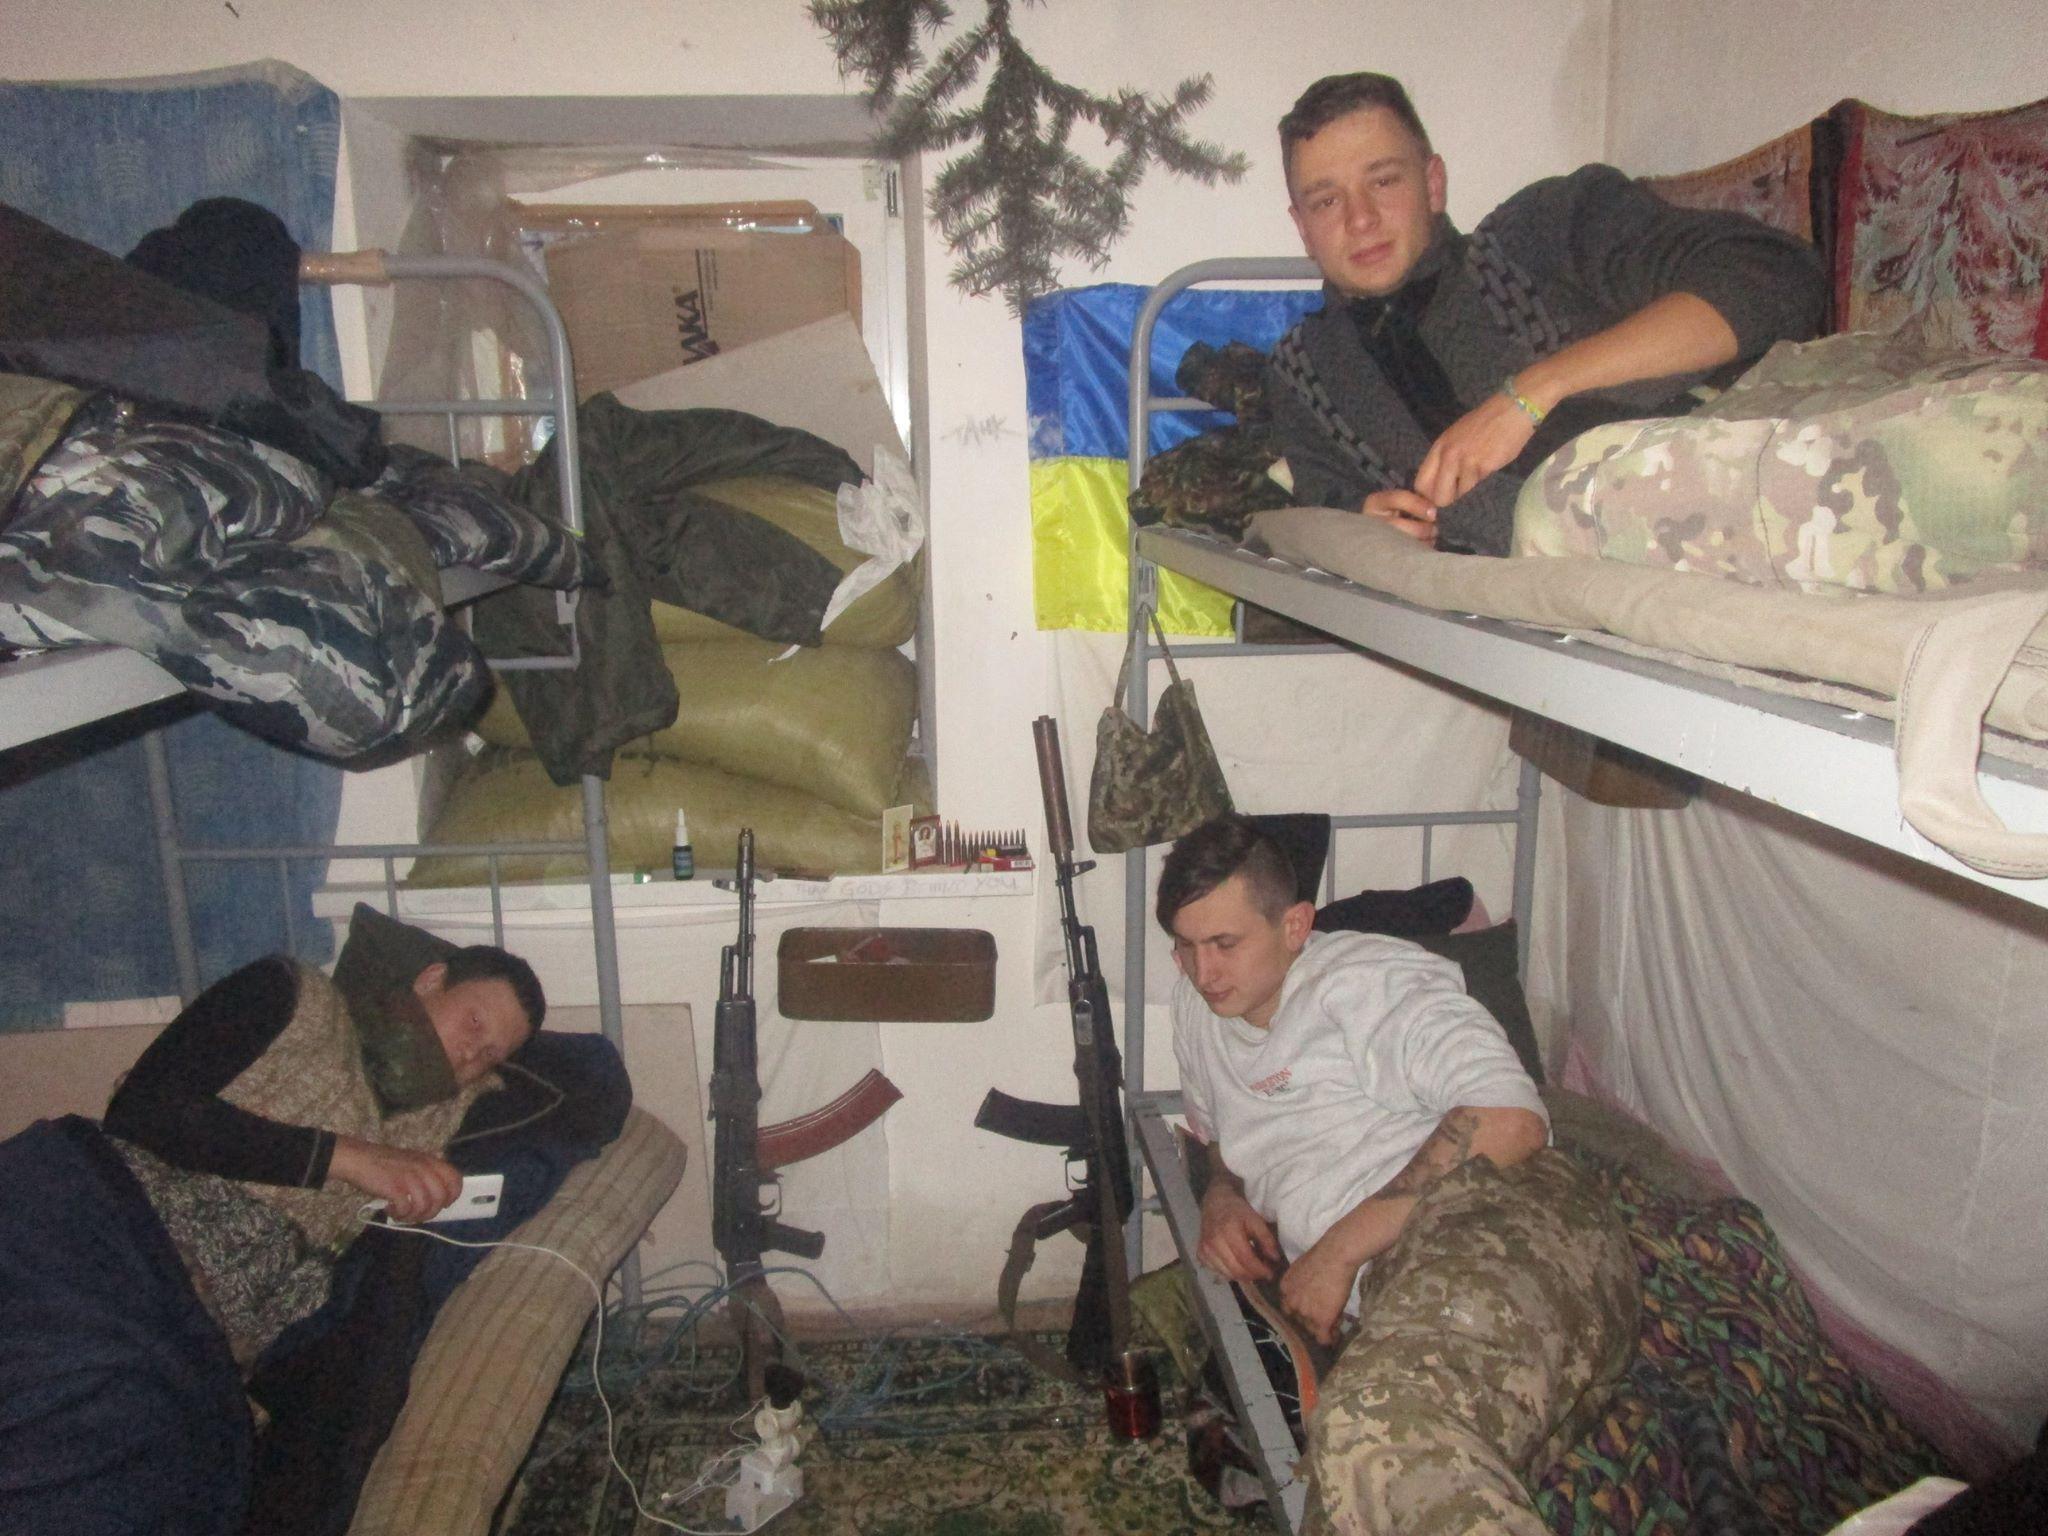 Записки з АТО: Війна очима добровольця, який воює у Мар'їнці (ВІДЕО, ФОТО) - фото 2